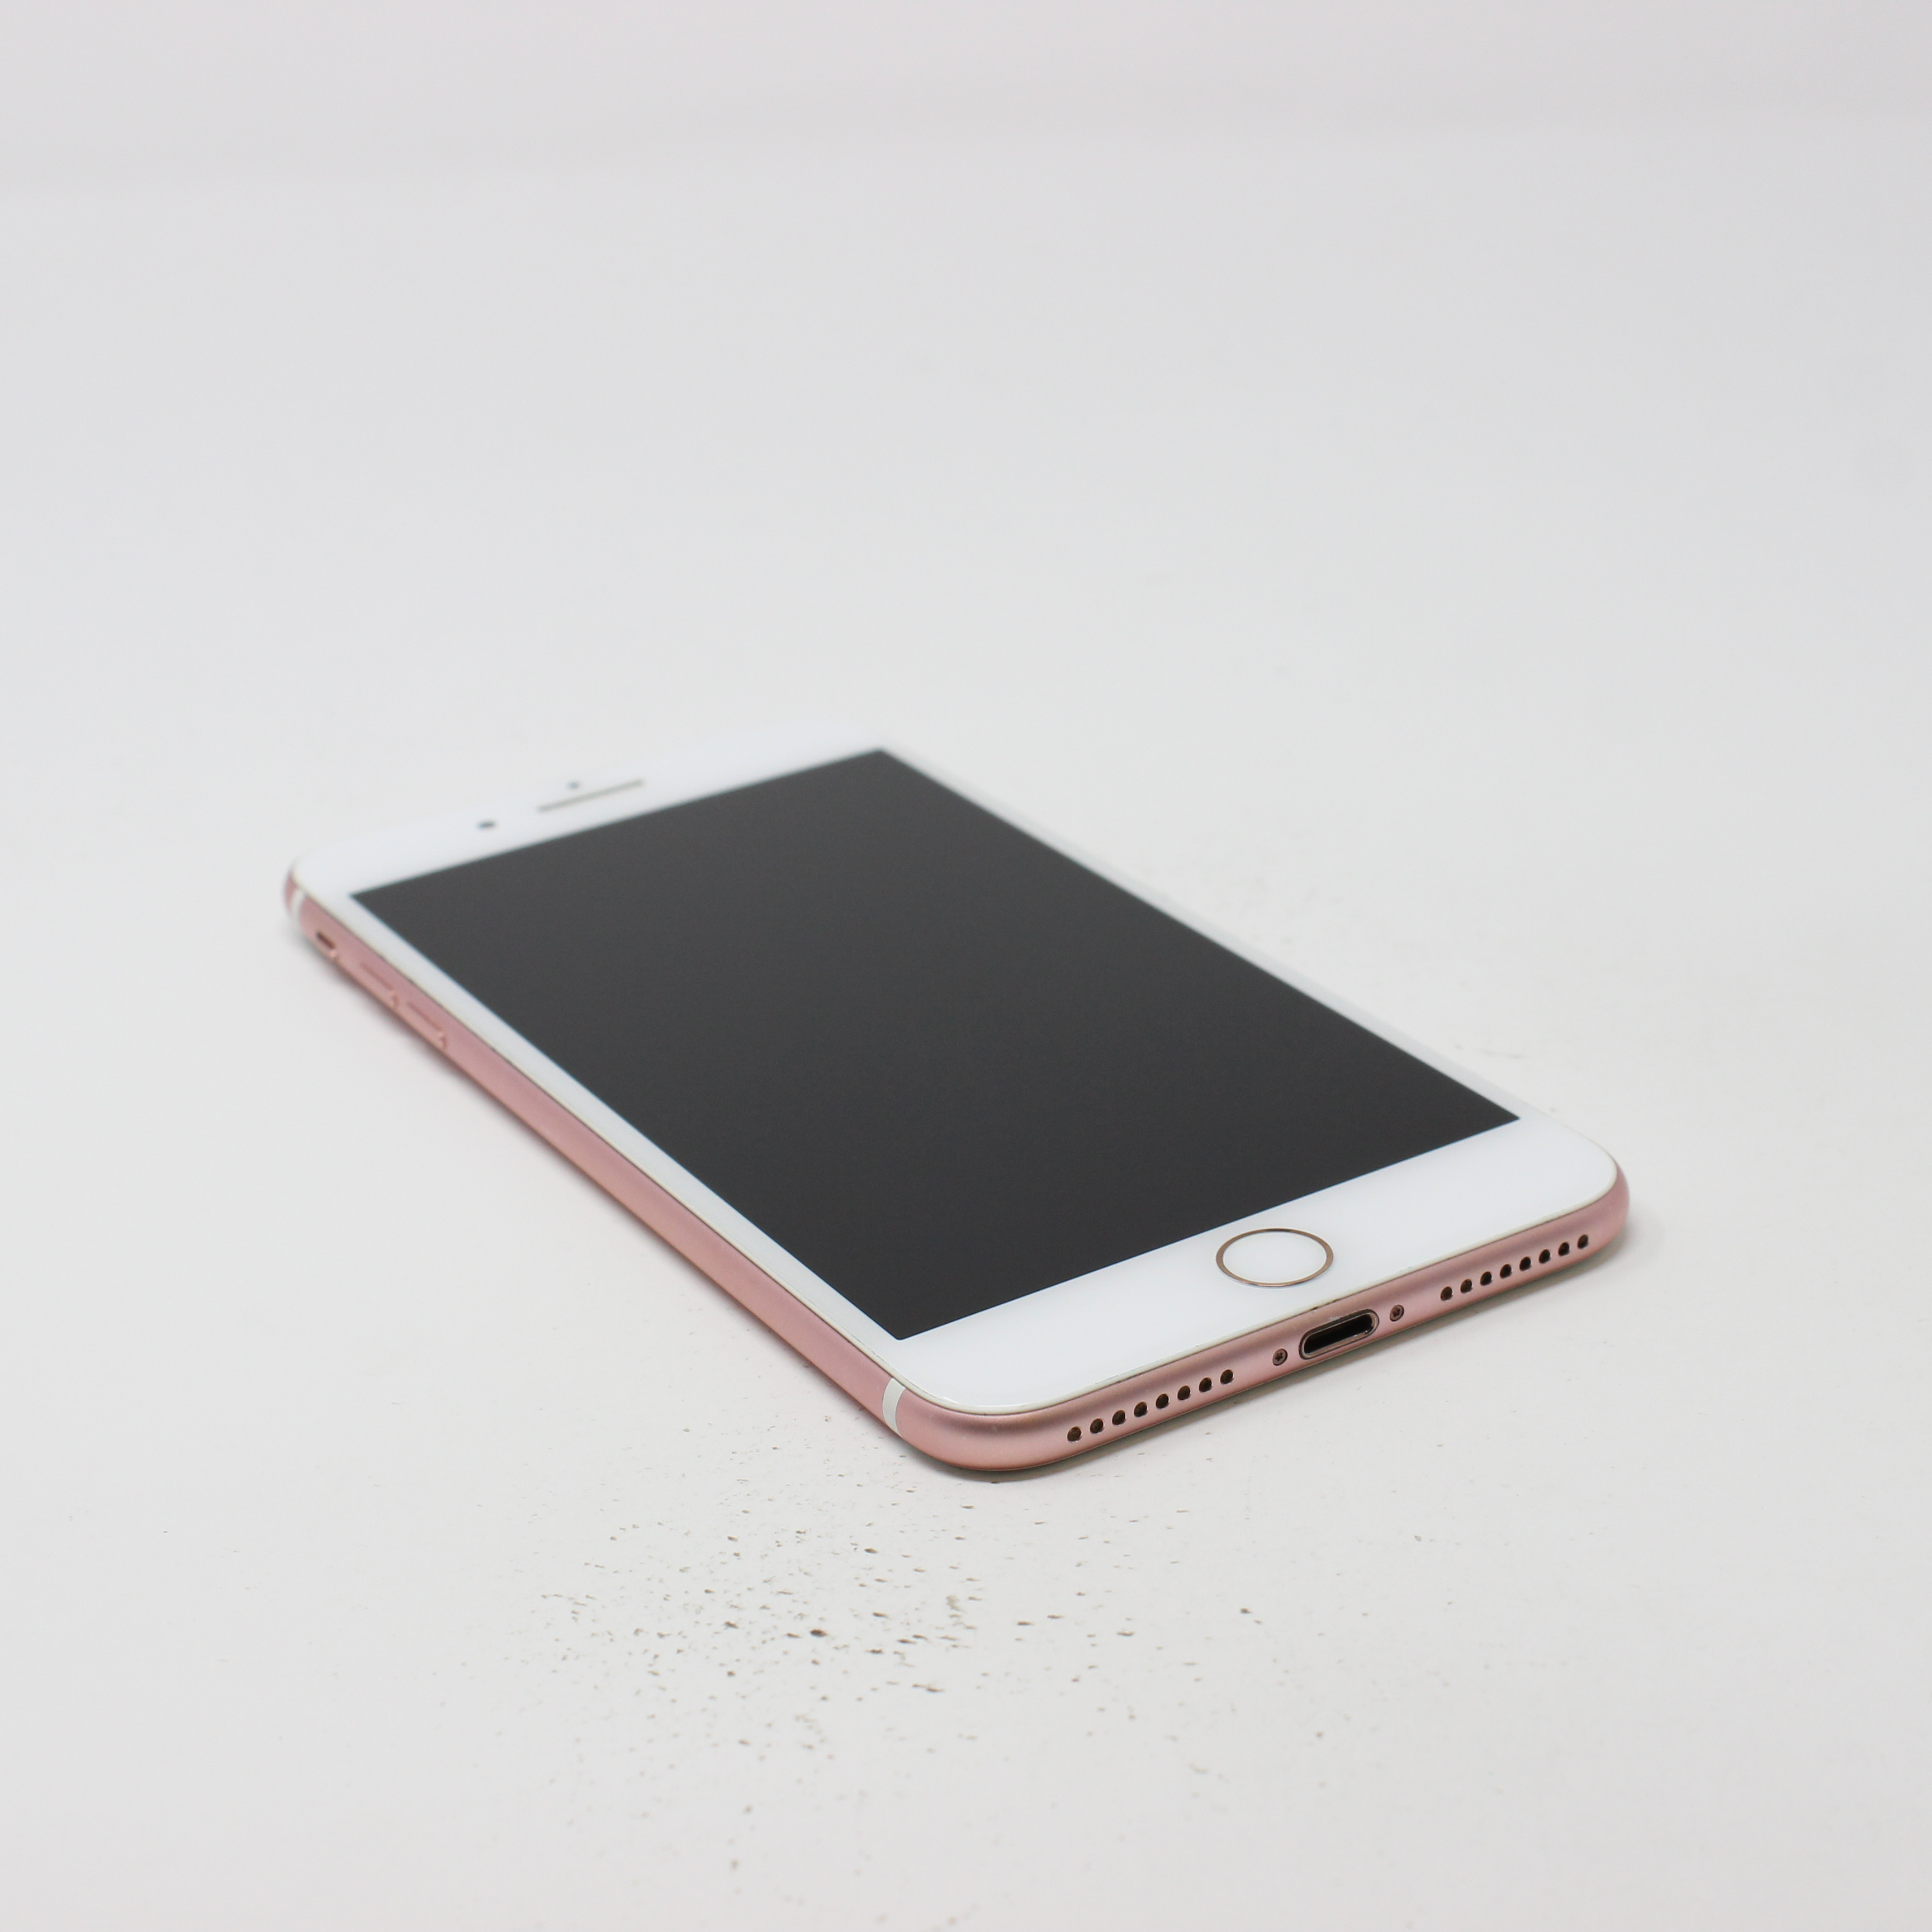 iPhone 7 Plus 256GB Rose Gold - AT&T photo 5 | UpTradeit.com